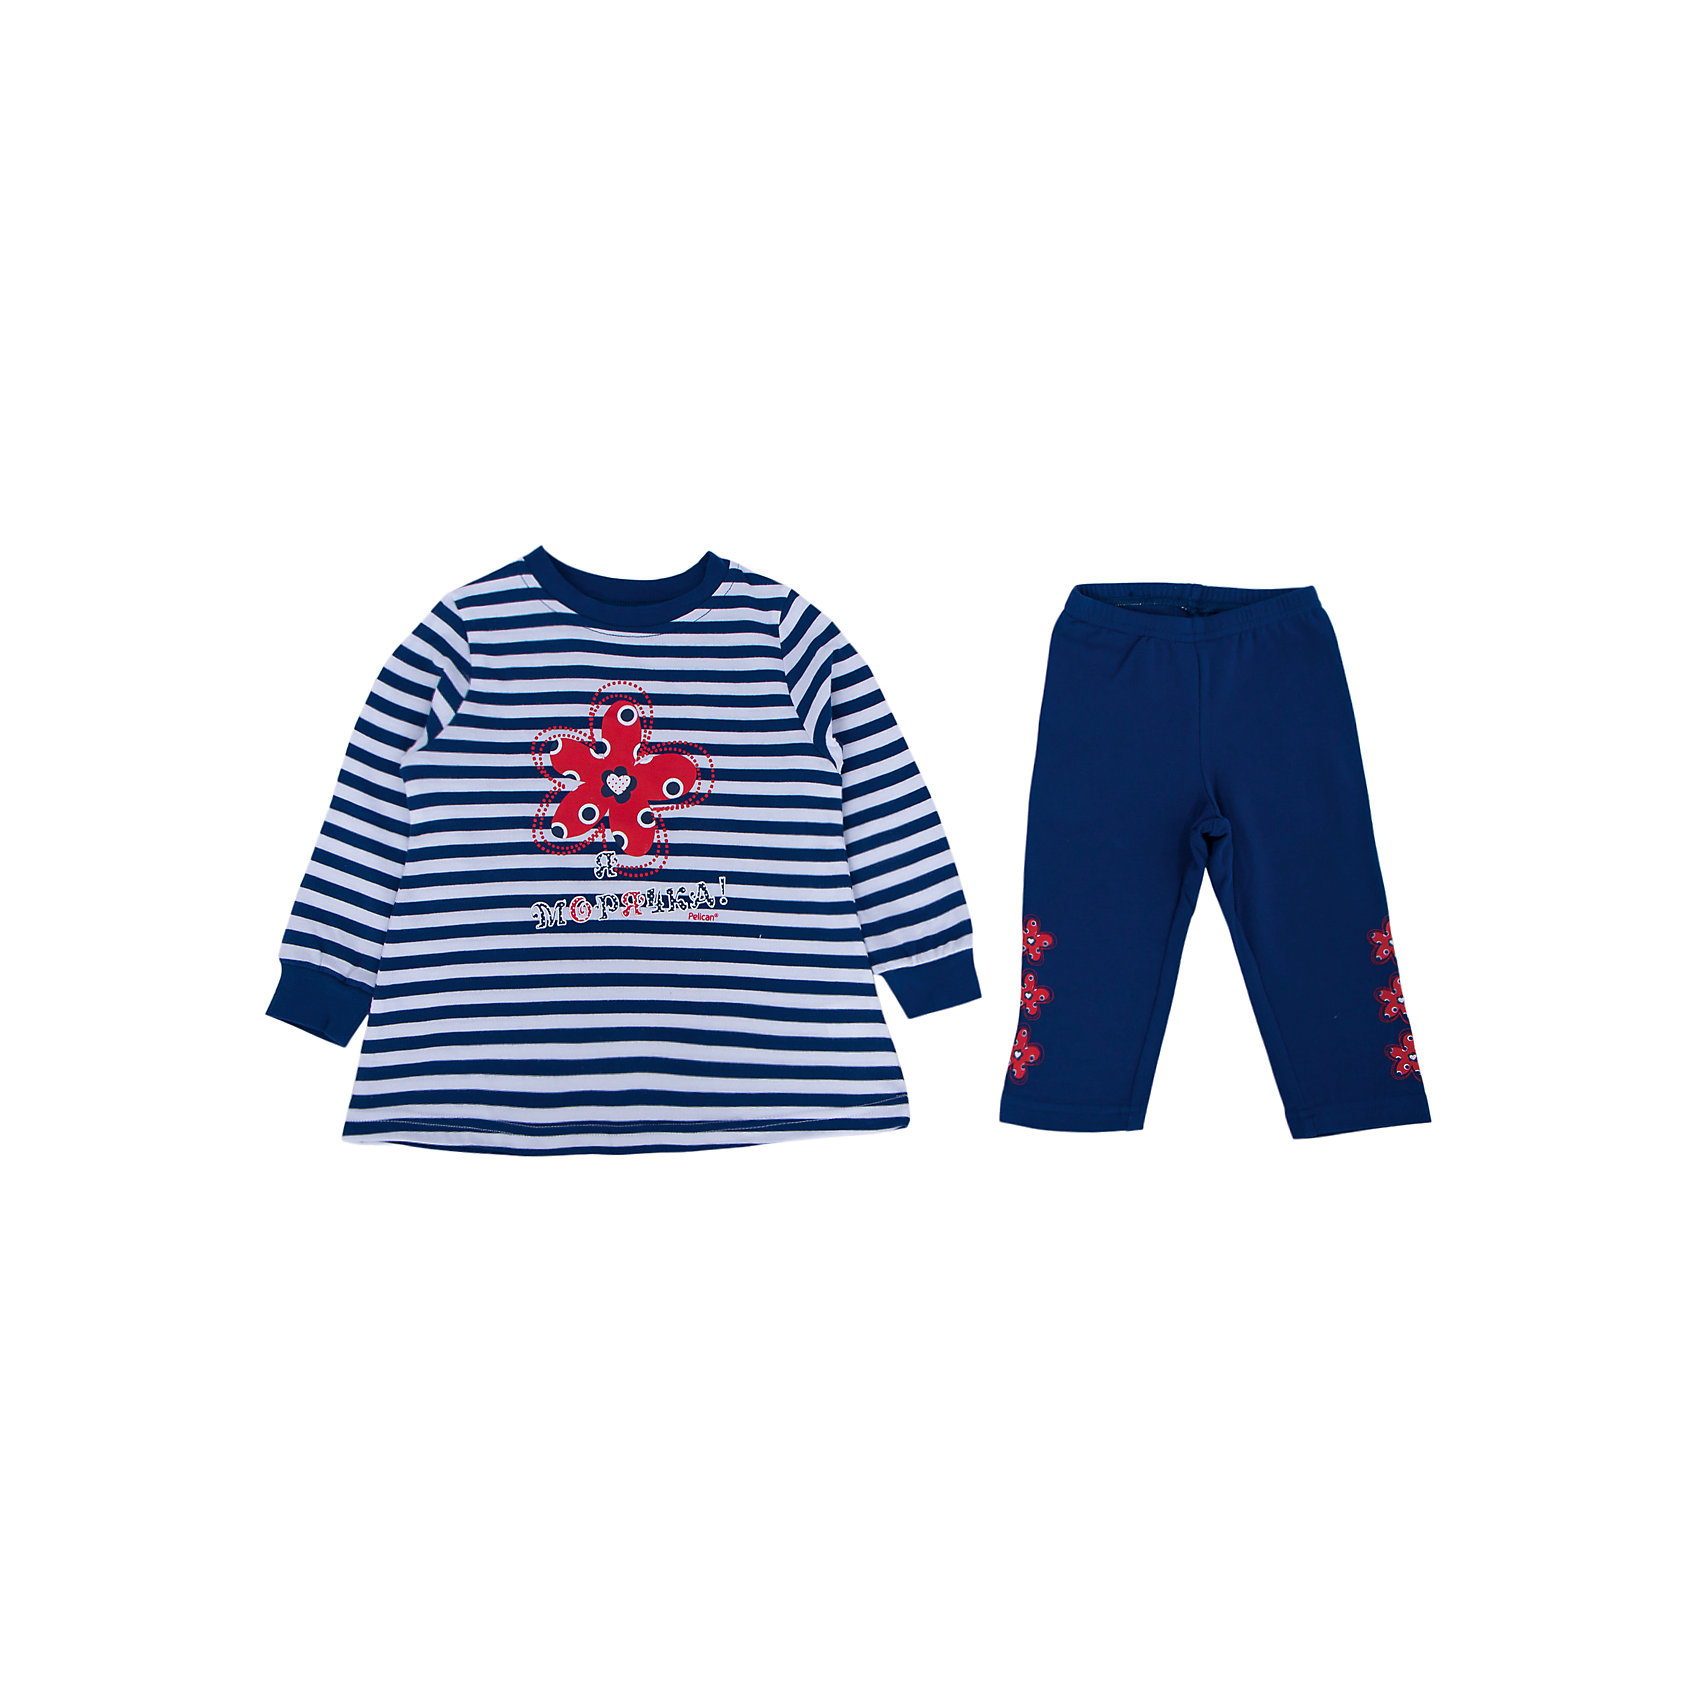 Пижама для девочки PELICANУдобная стильная пижама состоит из лосин и футболки с длинным рукавом. Удобные трикотажные изделия обеспечат комфорт во время сна. Мягкие резинки на рукавах на сдавливают кожу и не мешают кровообращению.  <br>Пижама украшена оригинальным принтом. Материал - легкий, отлично подходит для лета, состоит преимущественно из дышащего натурального хлопка. Очень приятен на ощупь, не вызывает аллергии.<br><br>Дополнительная информация:<br><br>материал: футболка - 100% хлопок, лосины - 93% хлопок, 7% эластан;<br>цвет: синий;<br>с принтом;<br>рукава длинные.<br><br>Пижама для девочки от бренда PELICAN (Пеликан) можно купить в нашем магазине.<br><br>Ширина мм: 281<br>Глубина мм: 70<br>Высота мм: 188<br>Вес г: 295<br>Цвет: синий<br>Возраст от месяцев: 36<br>Возраст до месяцев: 48<br>Пол: Женский<br>Возраст: Детский<br>Размер: 104,98,110,92,86<br>SKU: 4805109